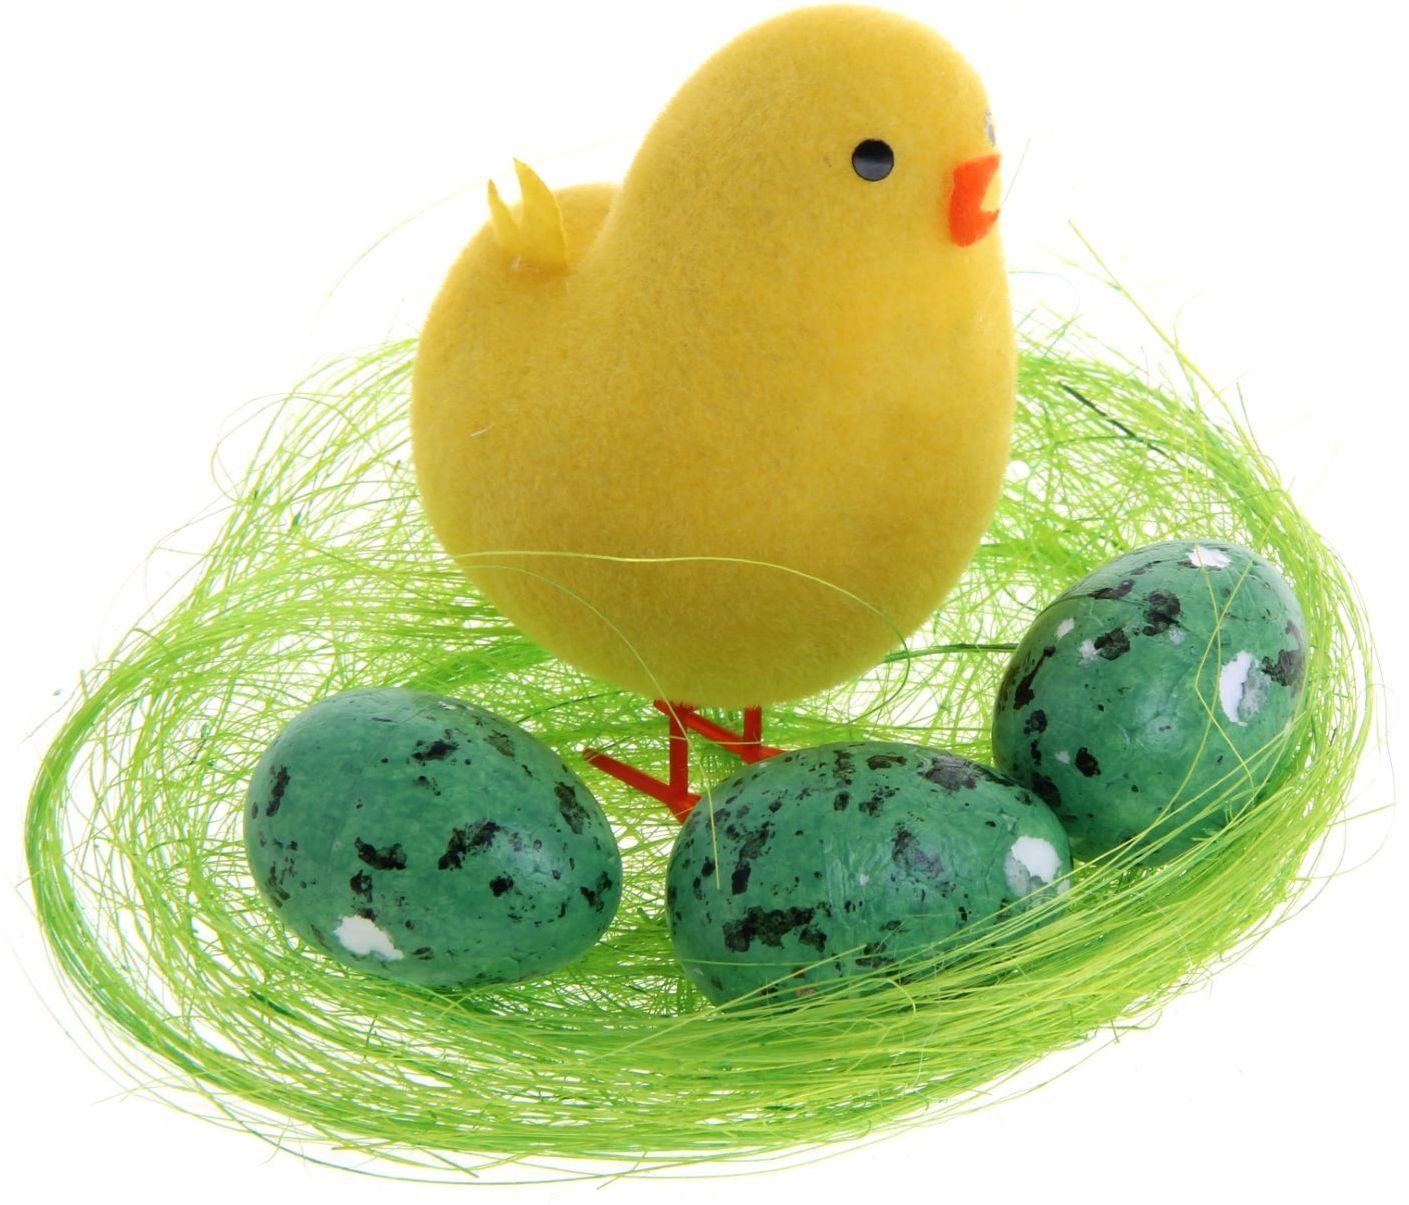 Сувенир пасхальный Sima-land Цыплёнок на травке и три яйца, 6 х 6 х 10 см сувенир пасхальный sima land ангел с розочкой на платье 13 х 8 х 6 см